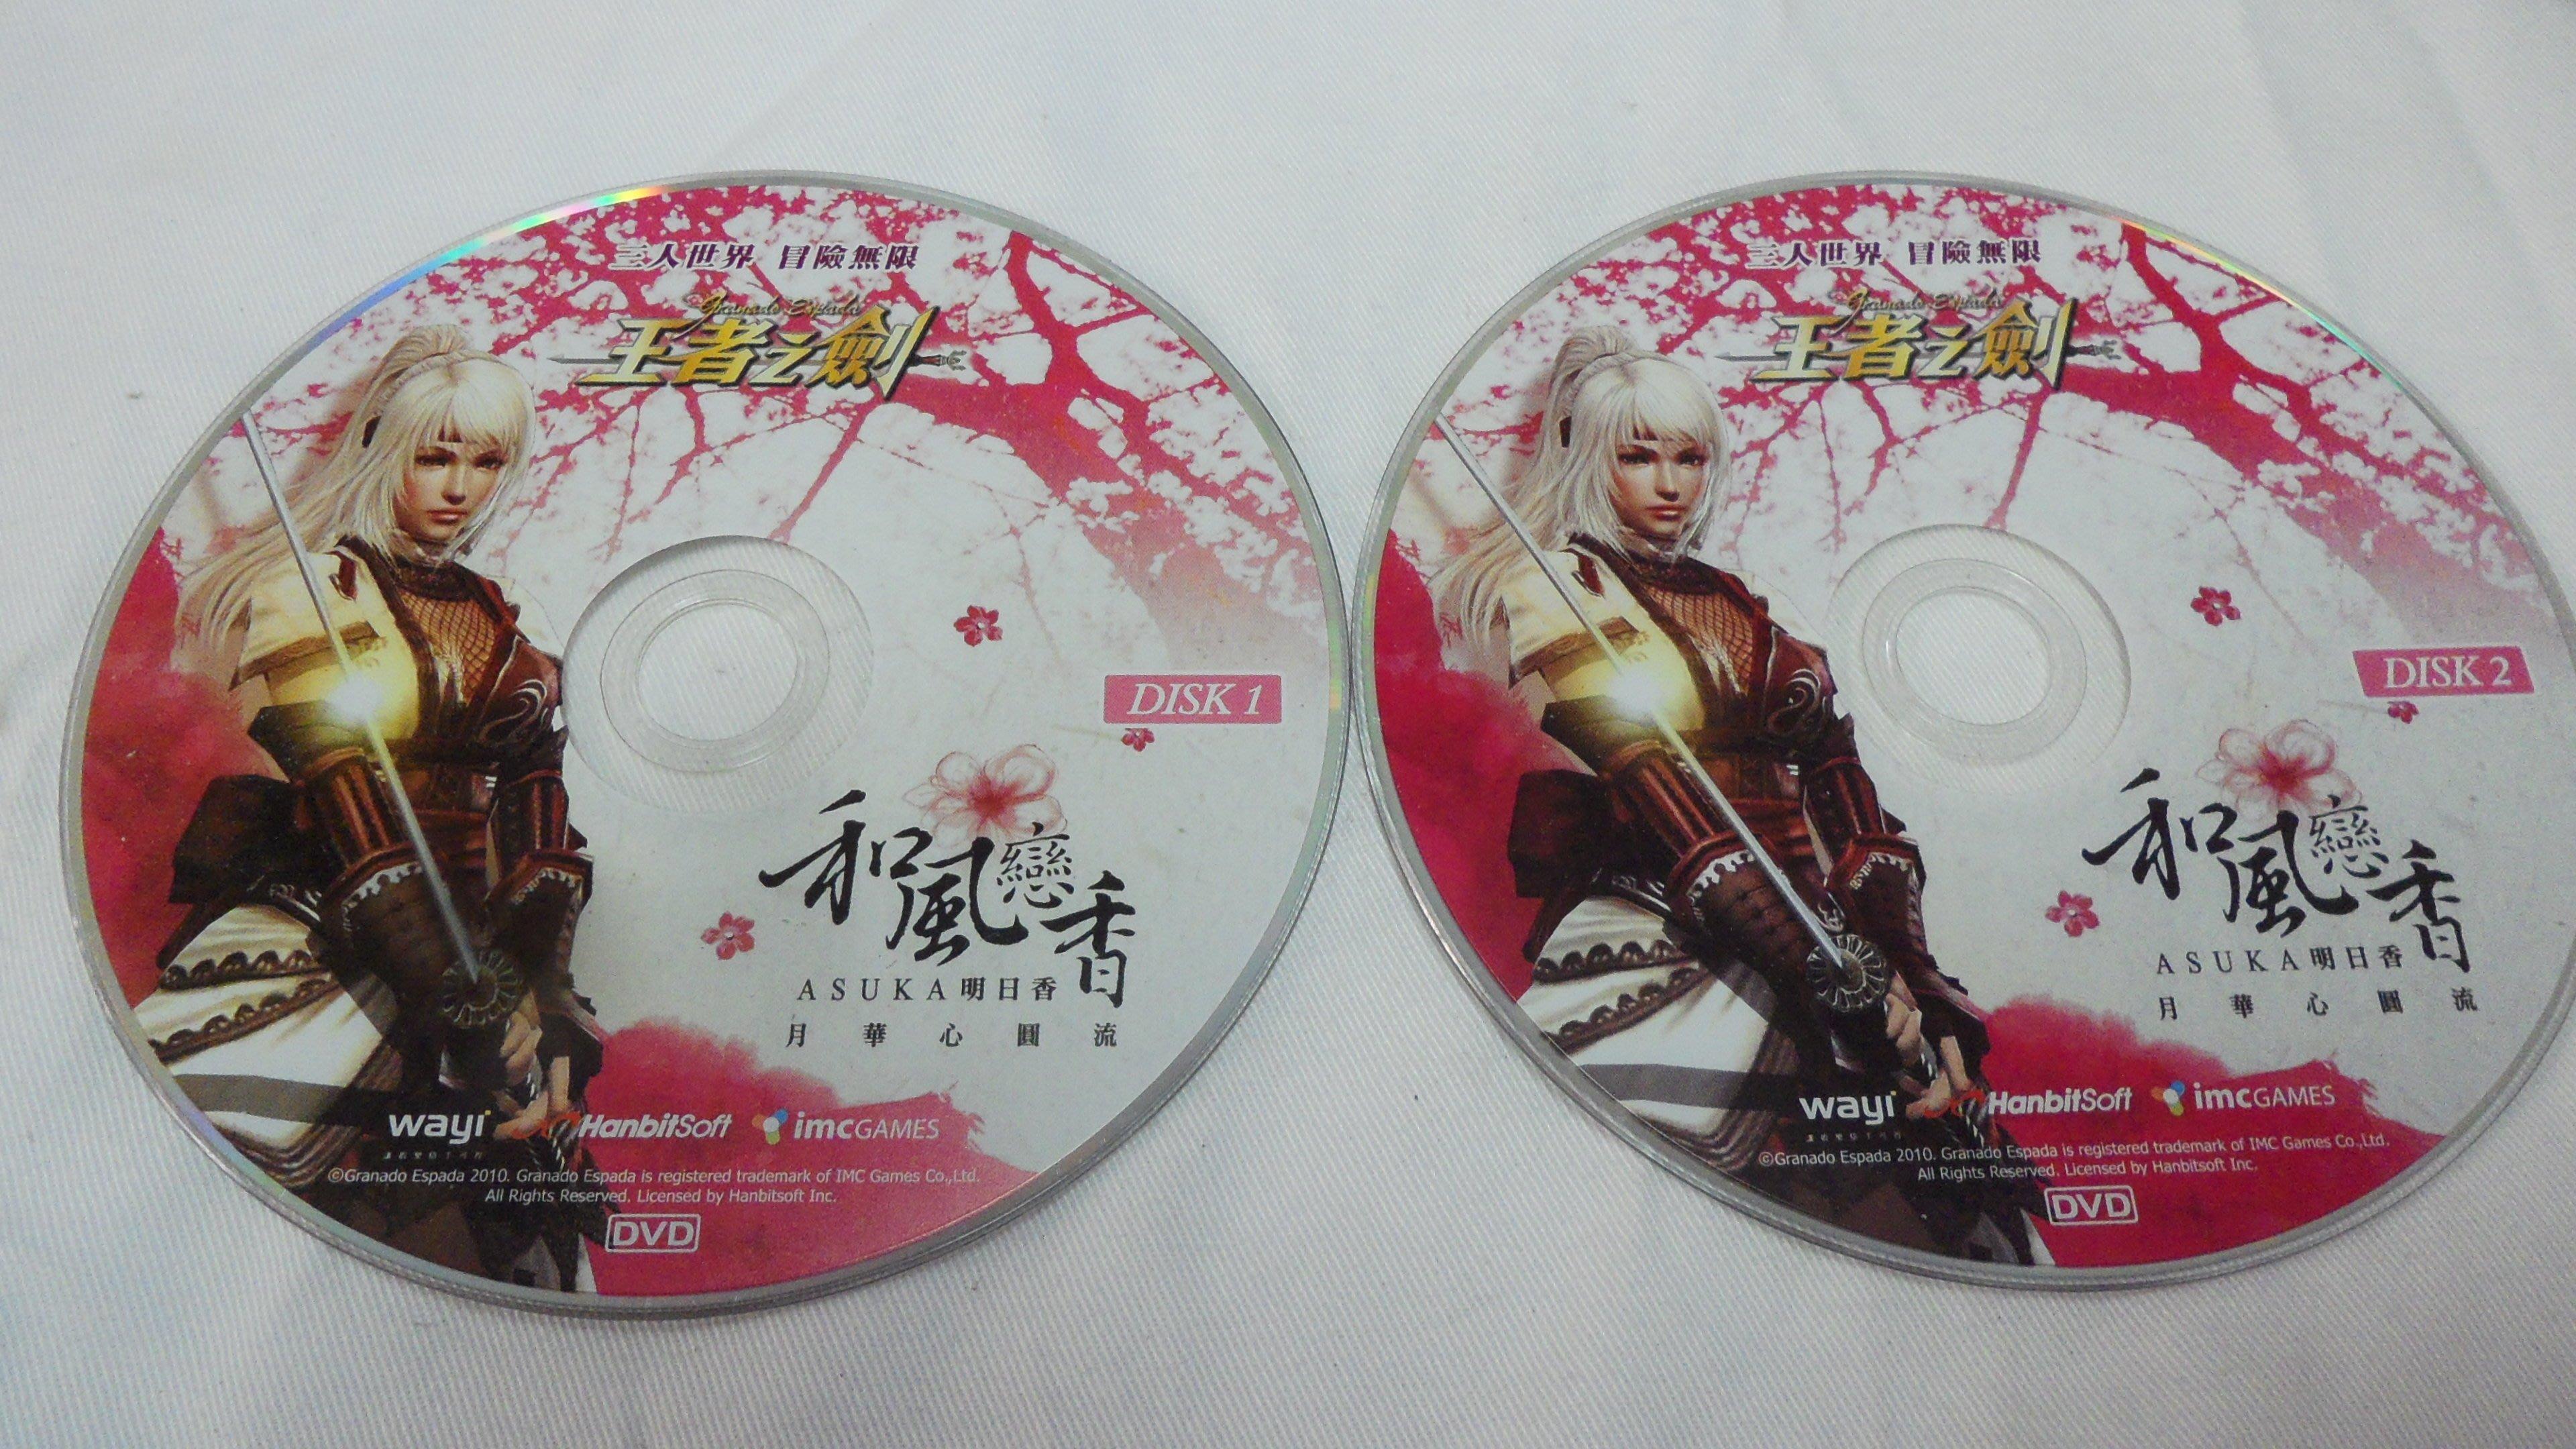 雲閣~遊戲光碟101_王者之劍 三人世界冒險無限 和風戀香 DISK1.2